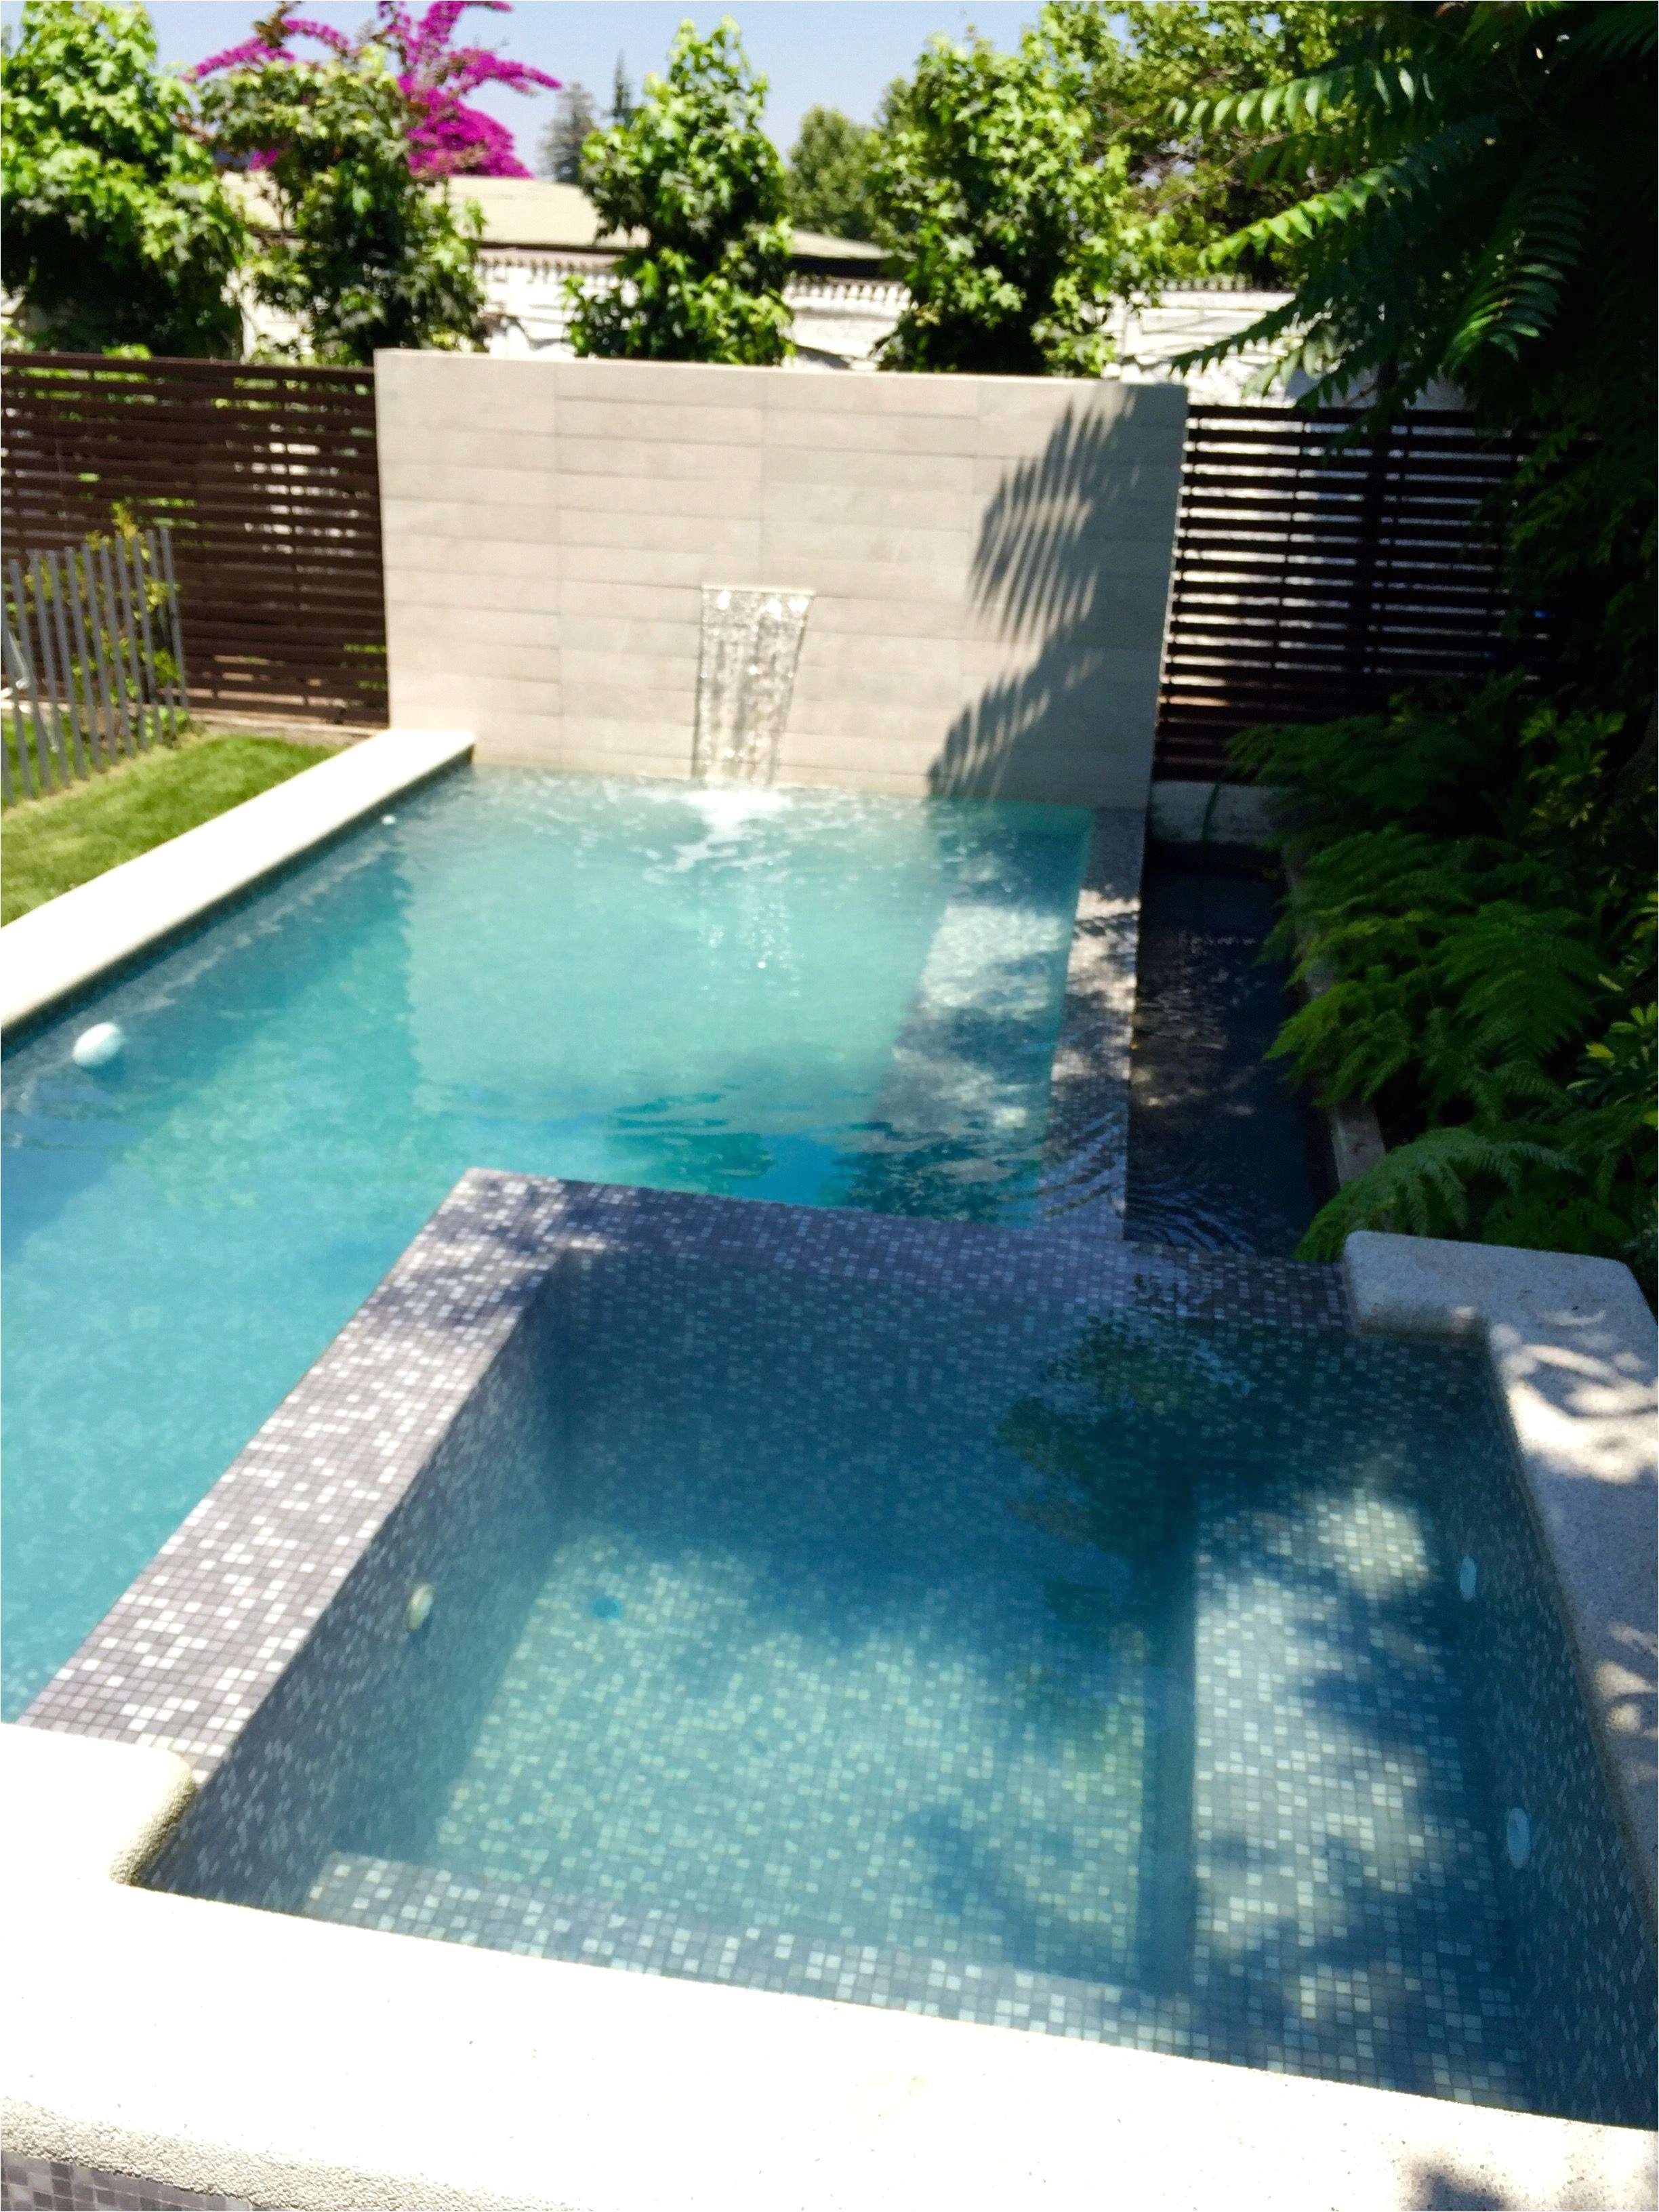 holz pool einzigartig yakuzi pool garten luxus media image 0d 34